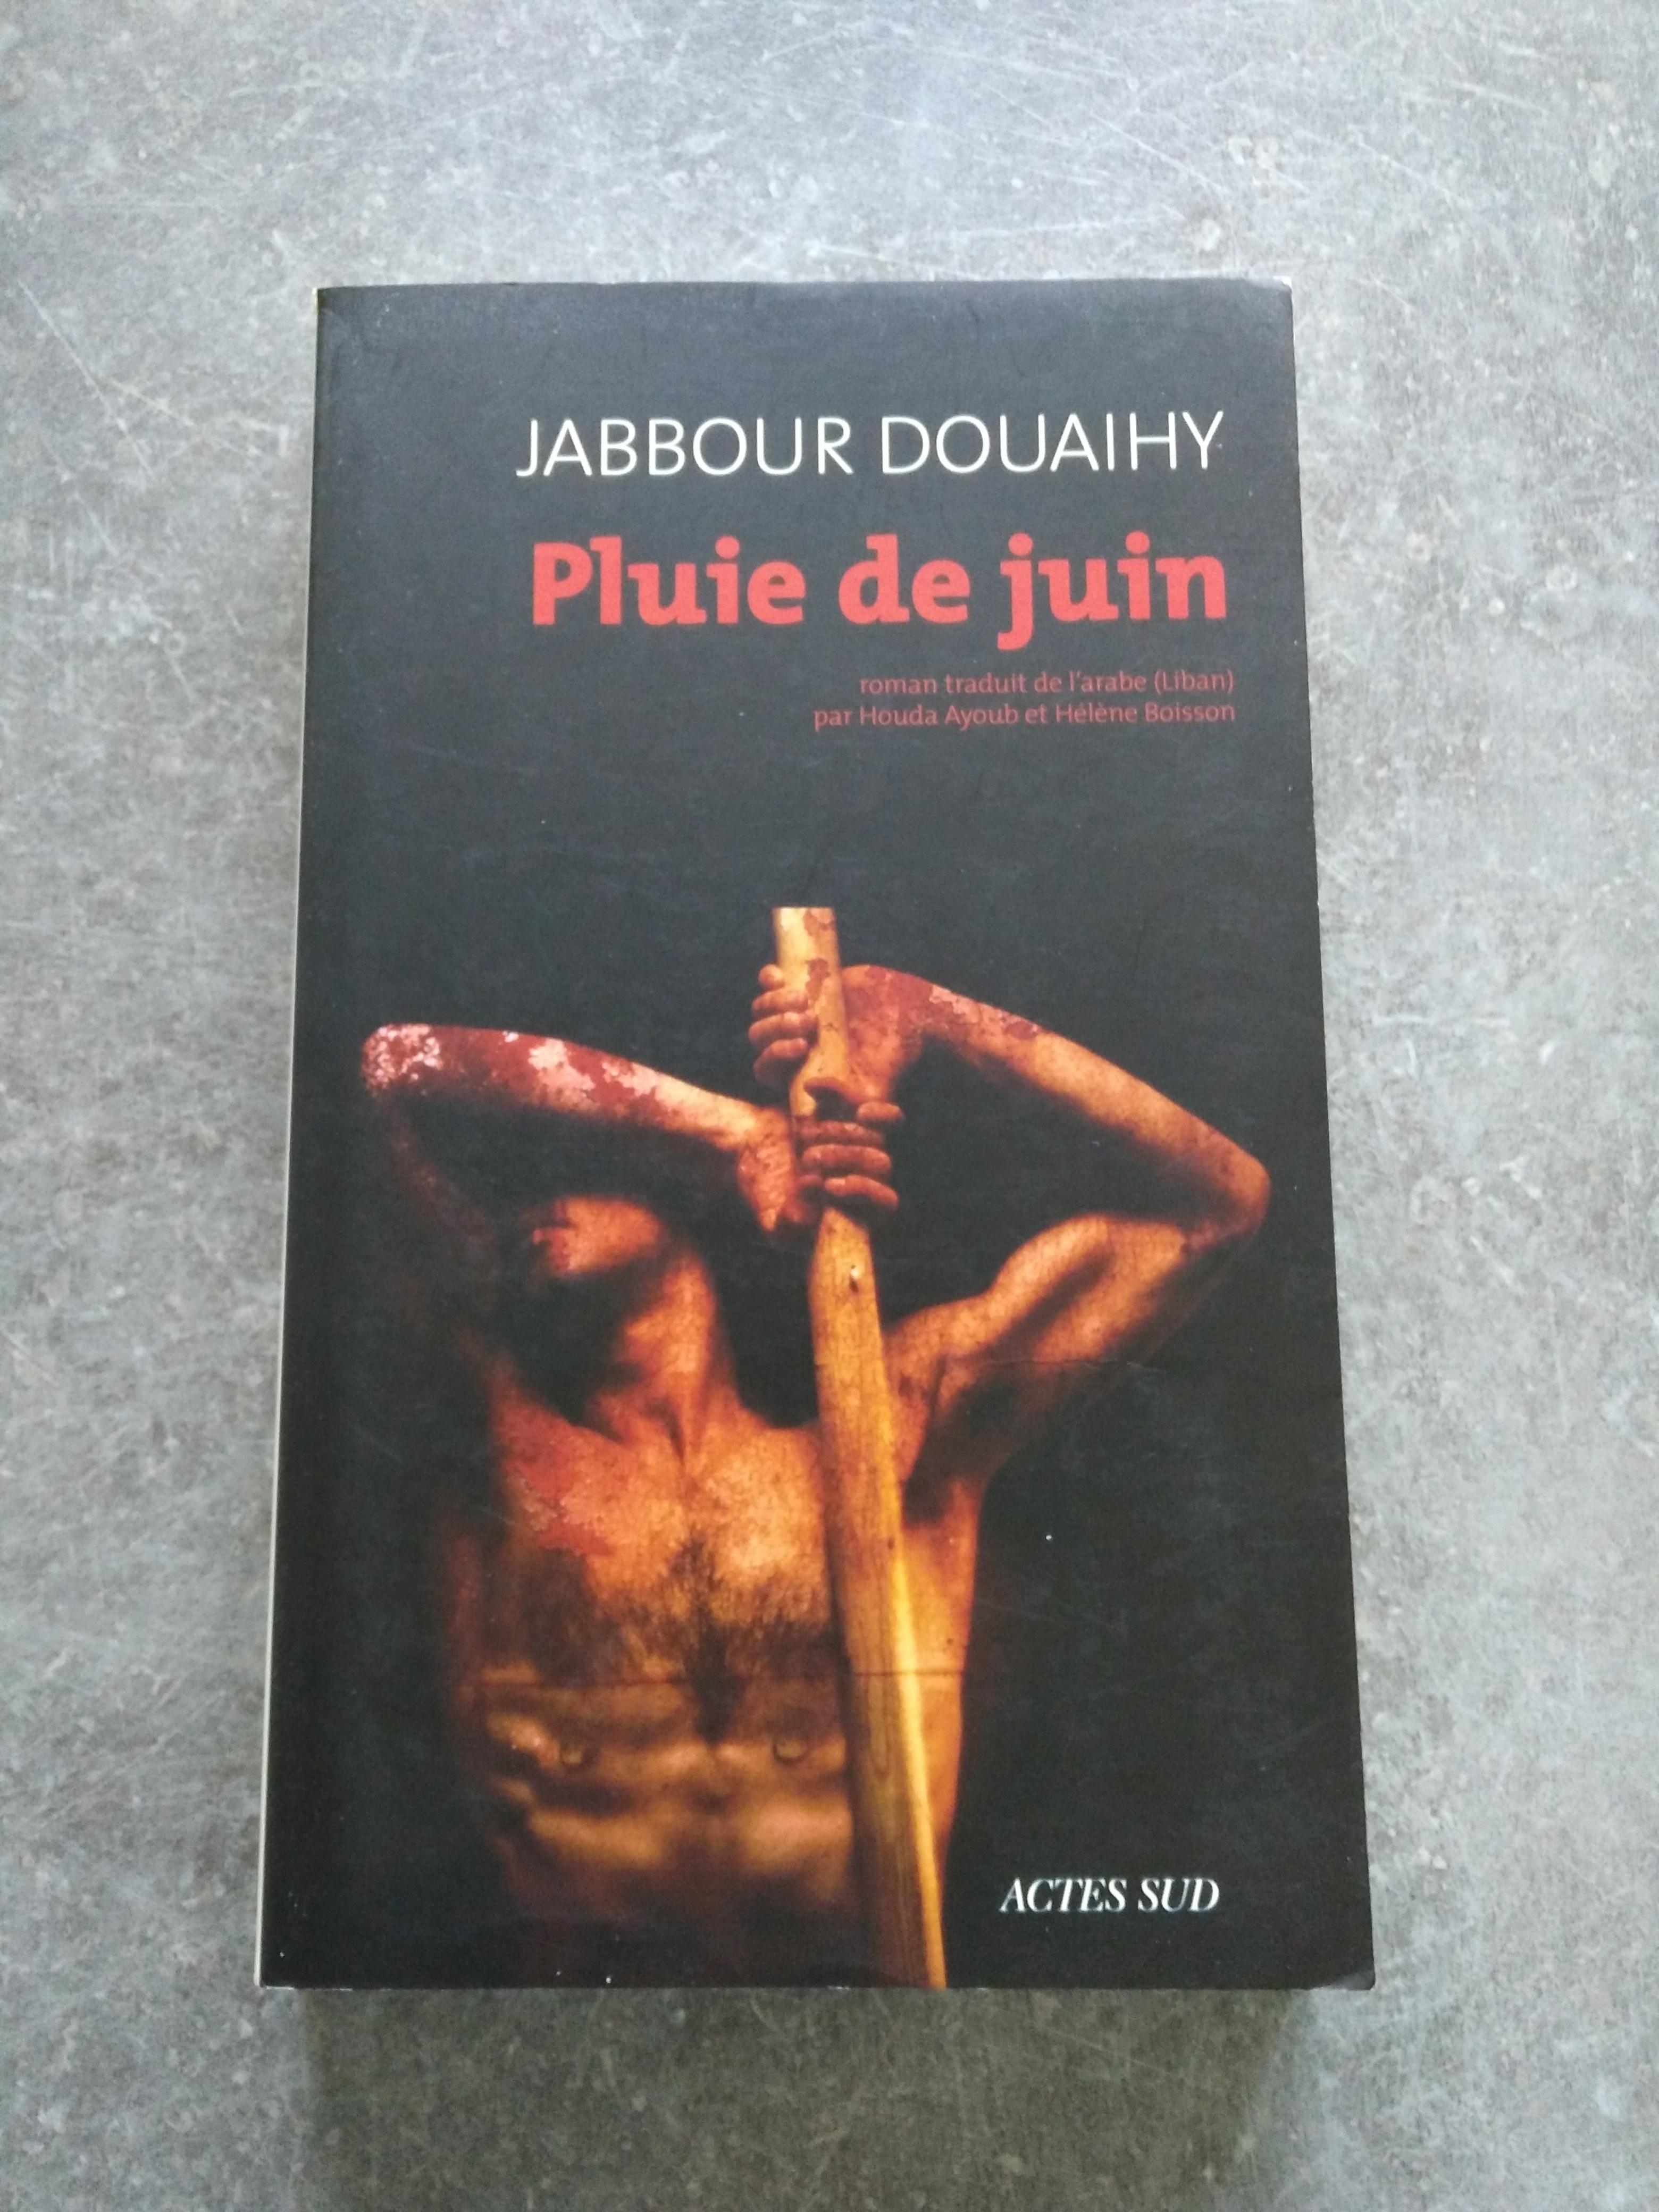 troc de troc roman pluie de juin de jabbour douaihy image 0